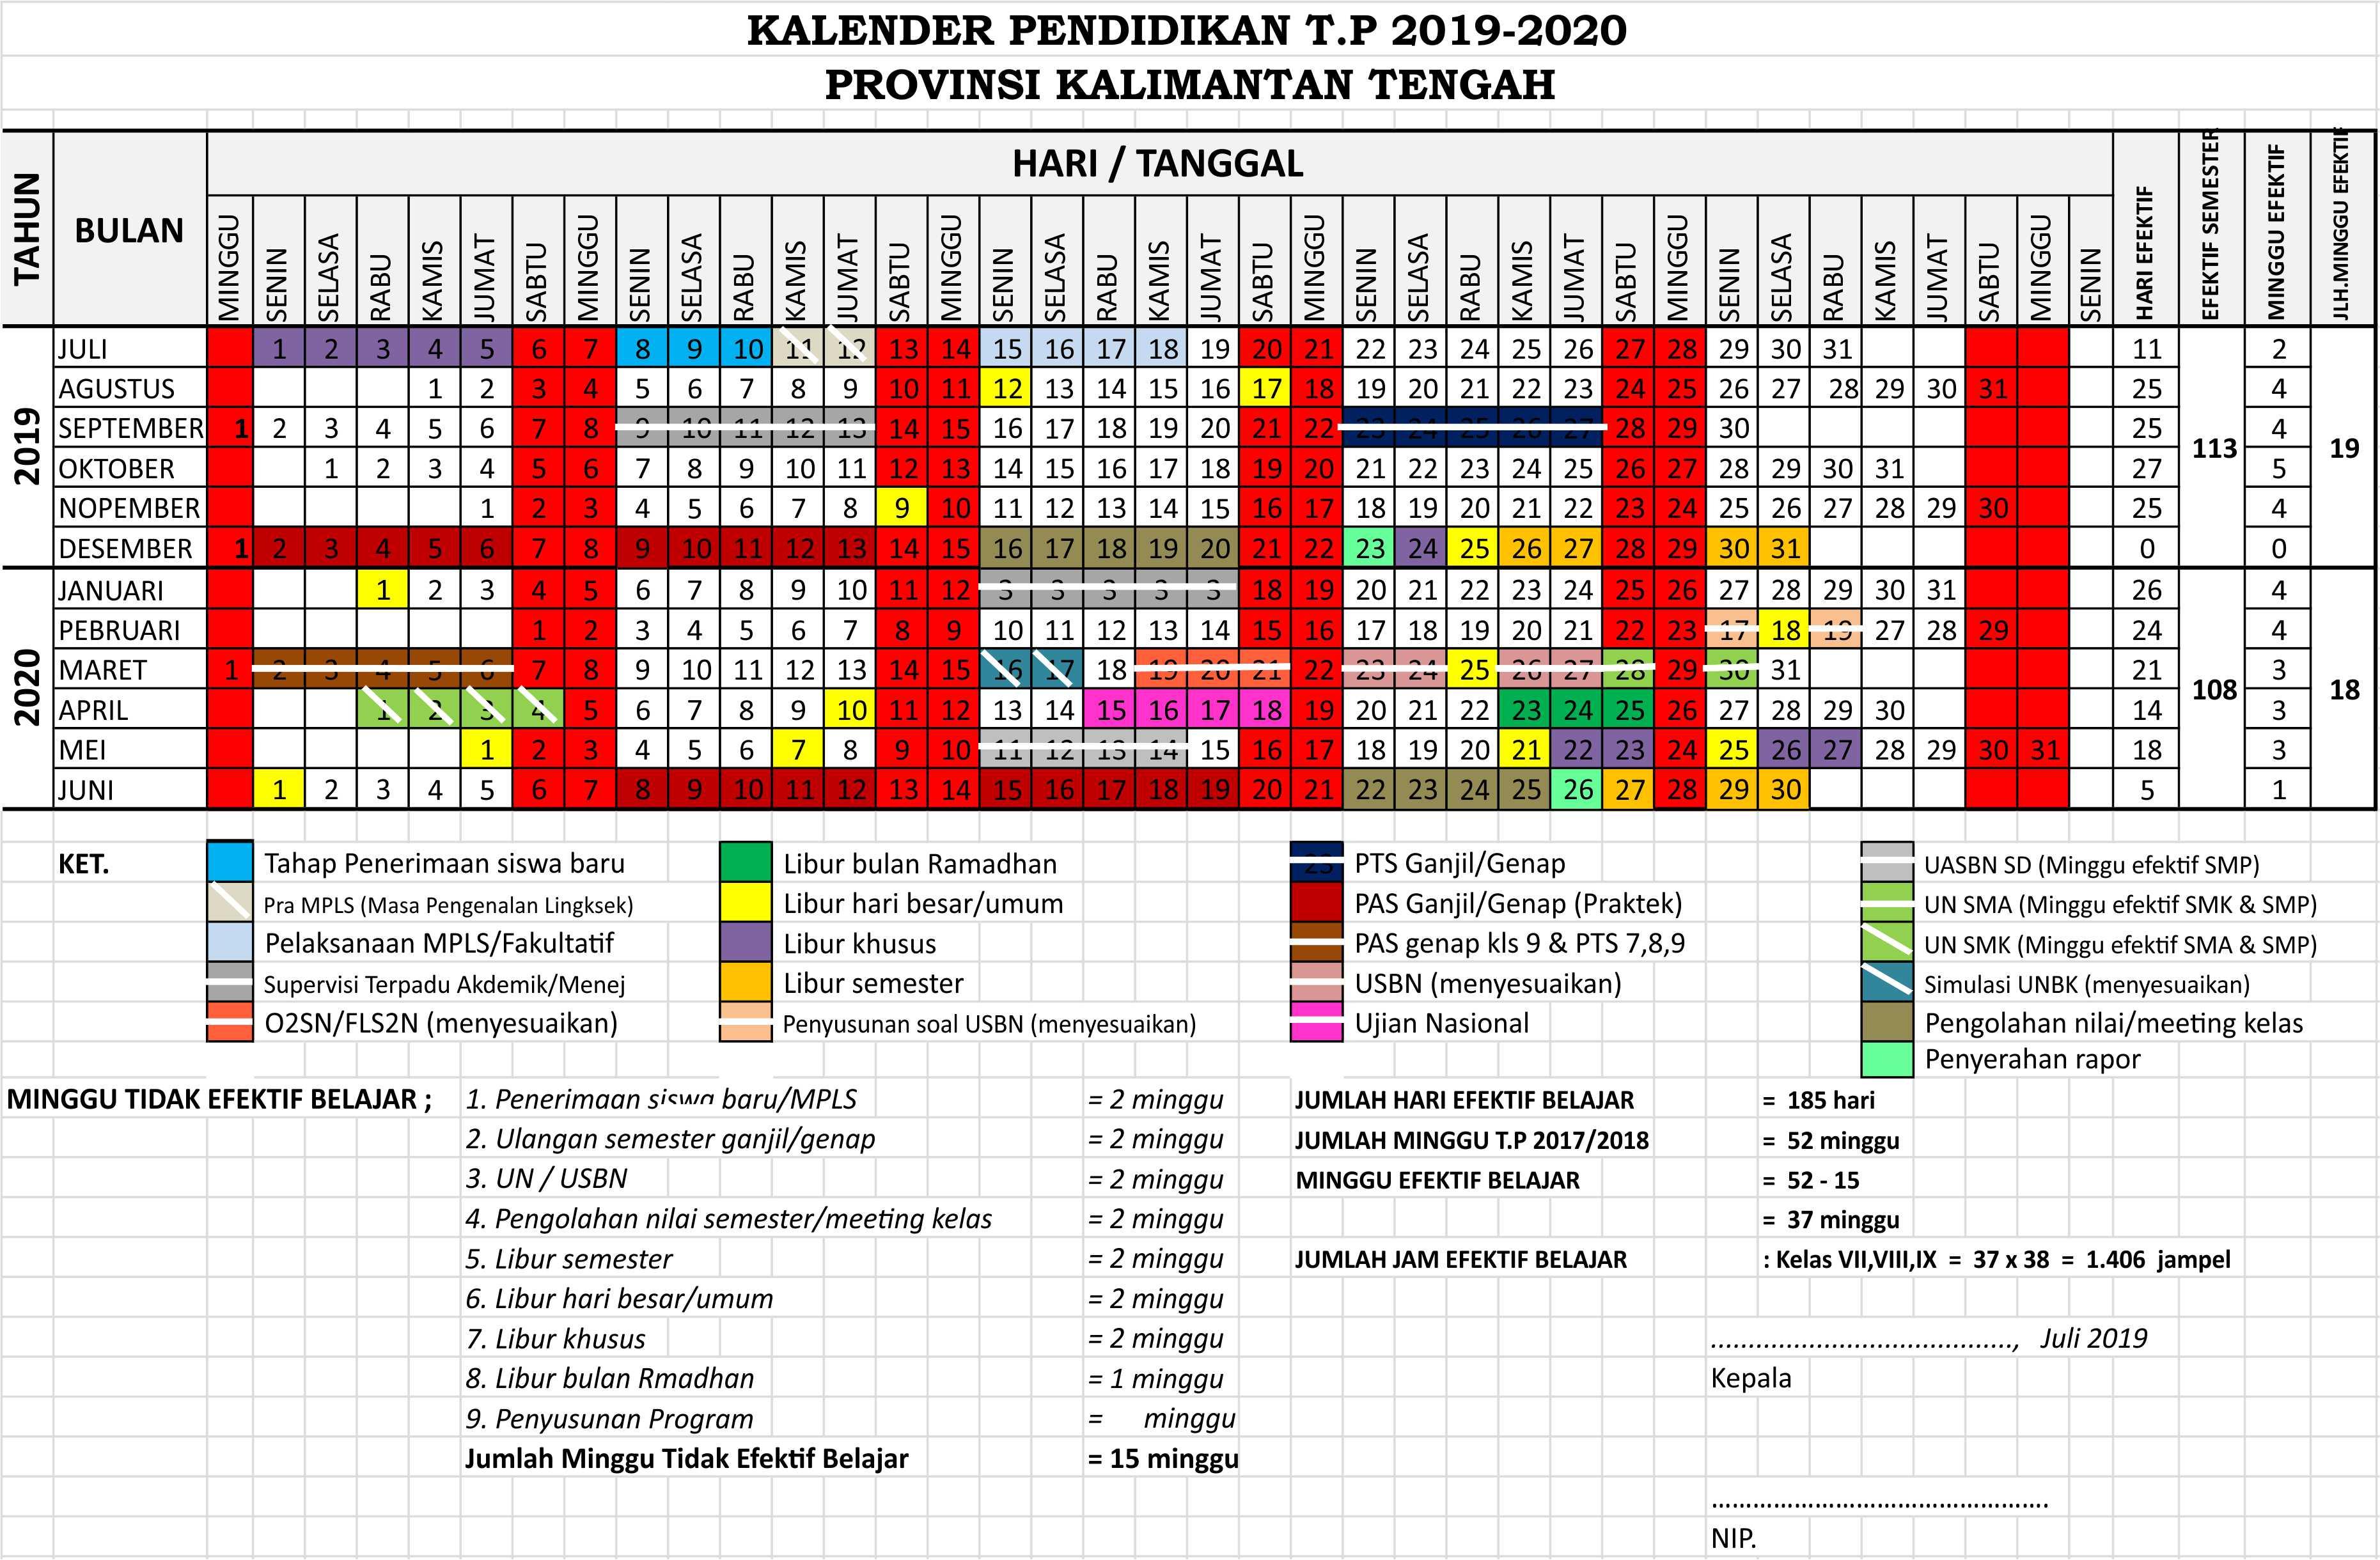 kalender pendidikan 2019 - 2020 kalimantan tengah